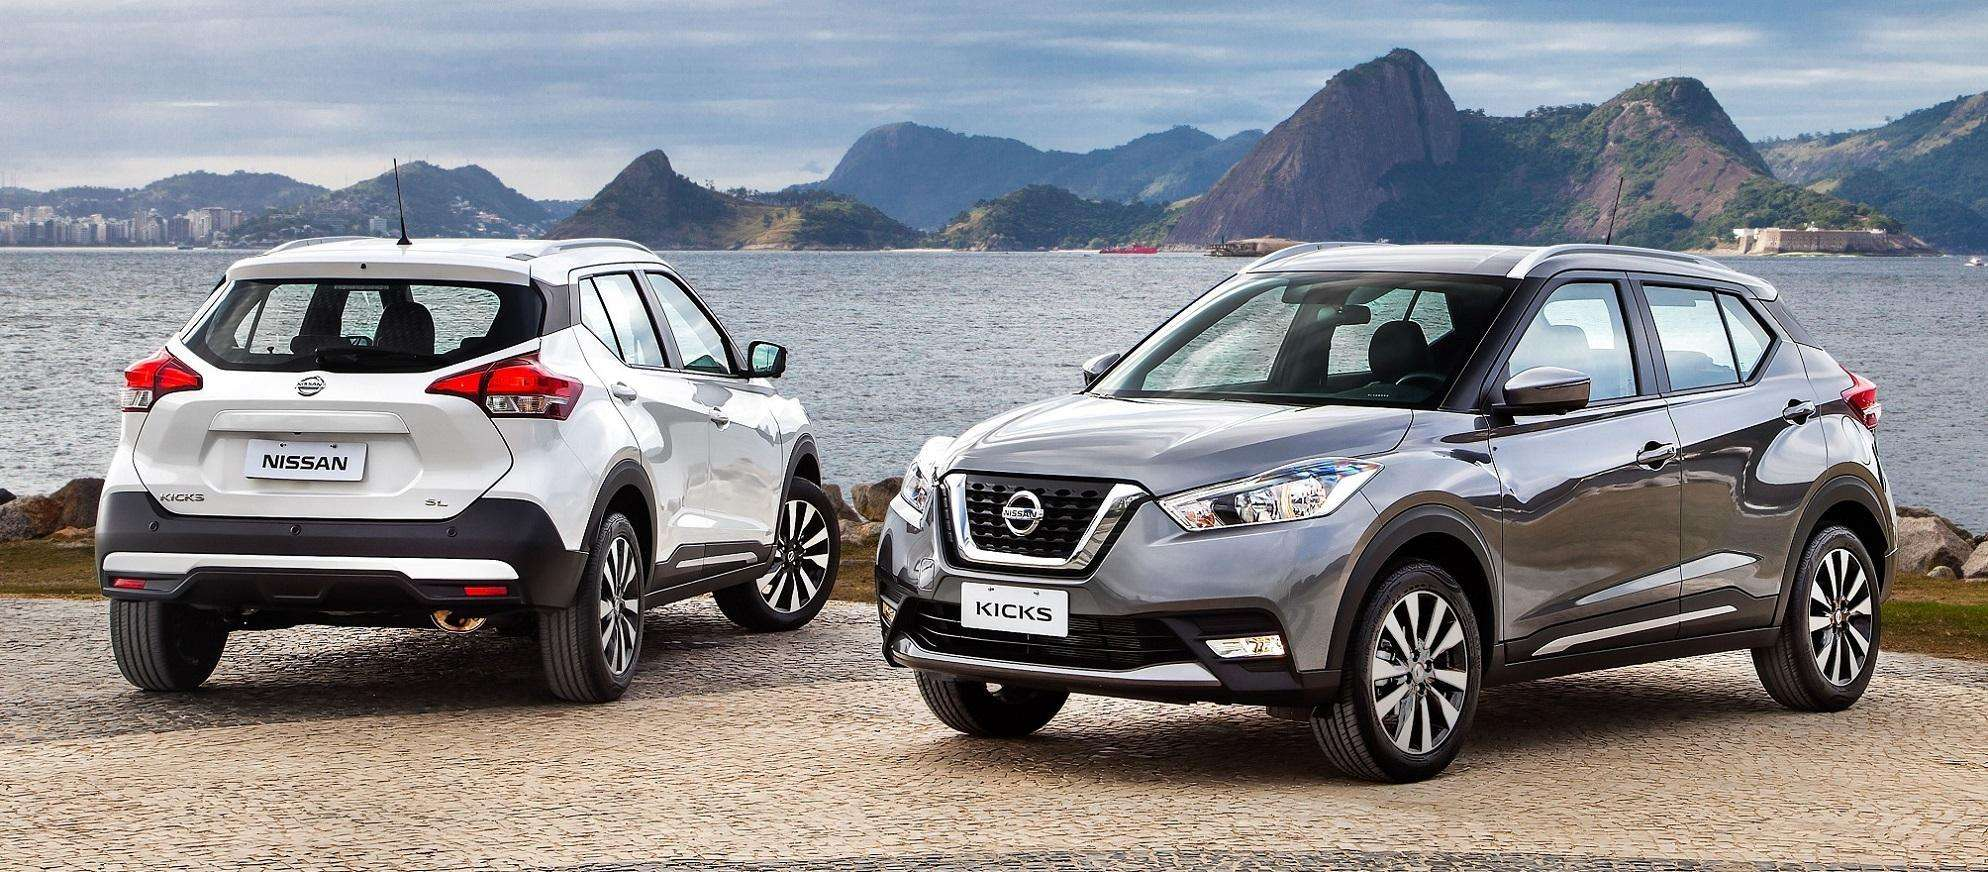 Nissan Kicks chega para ser nova referência entre os crossovers no Brasil